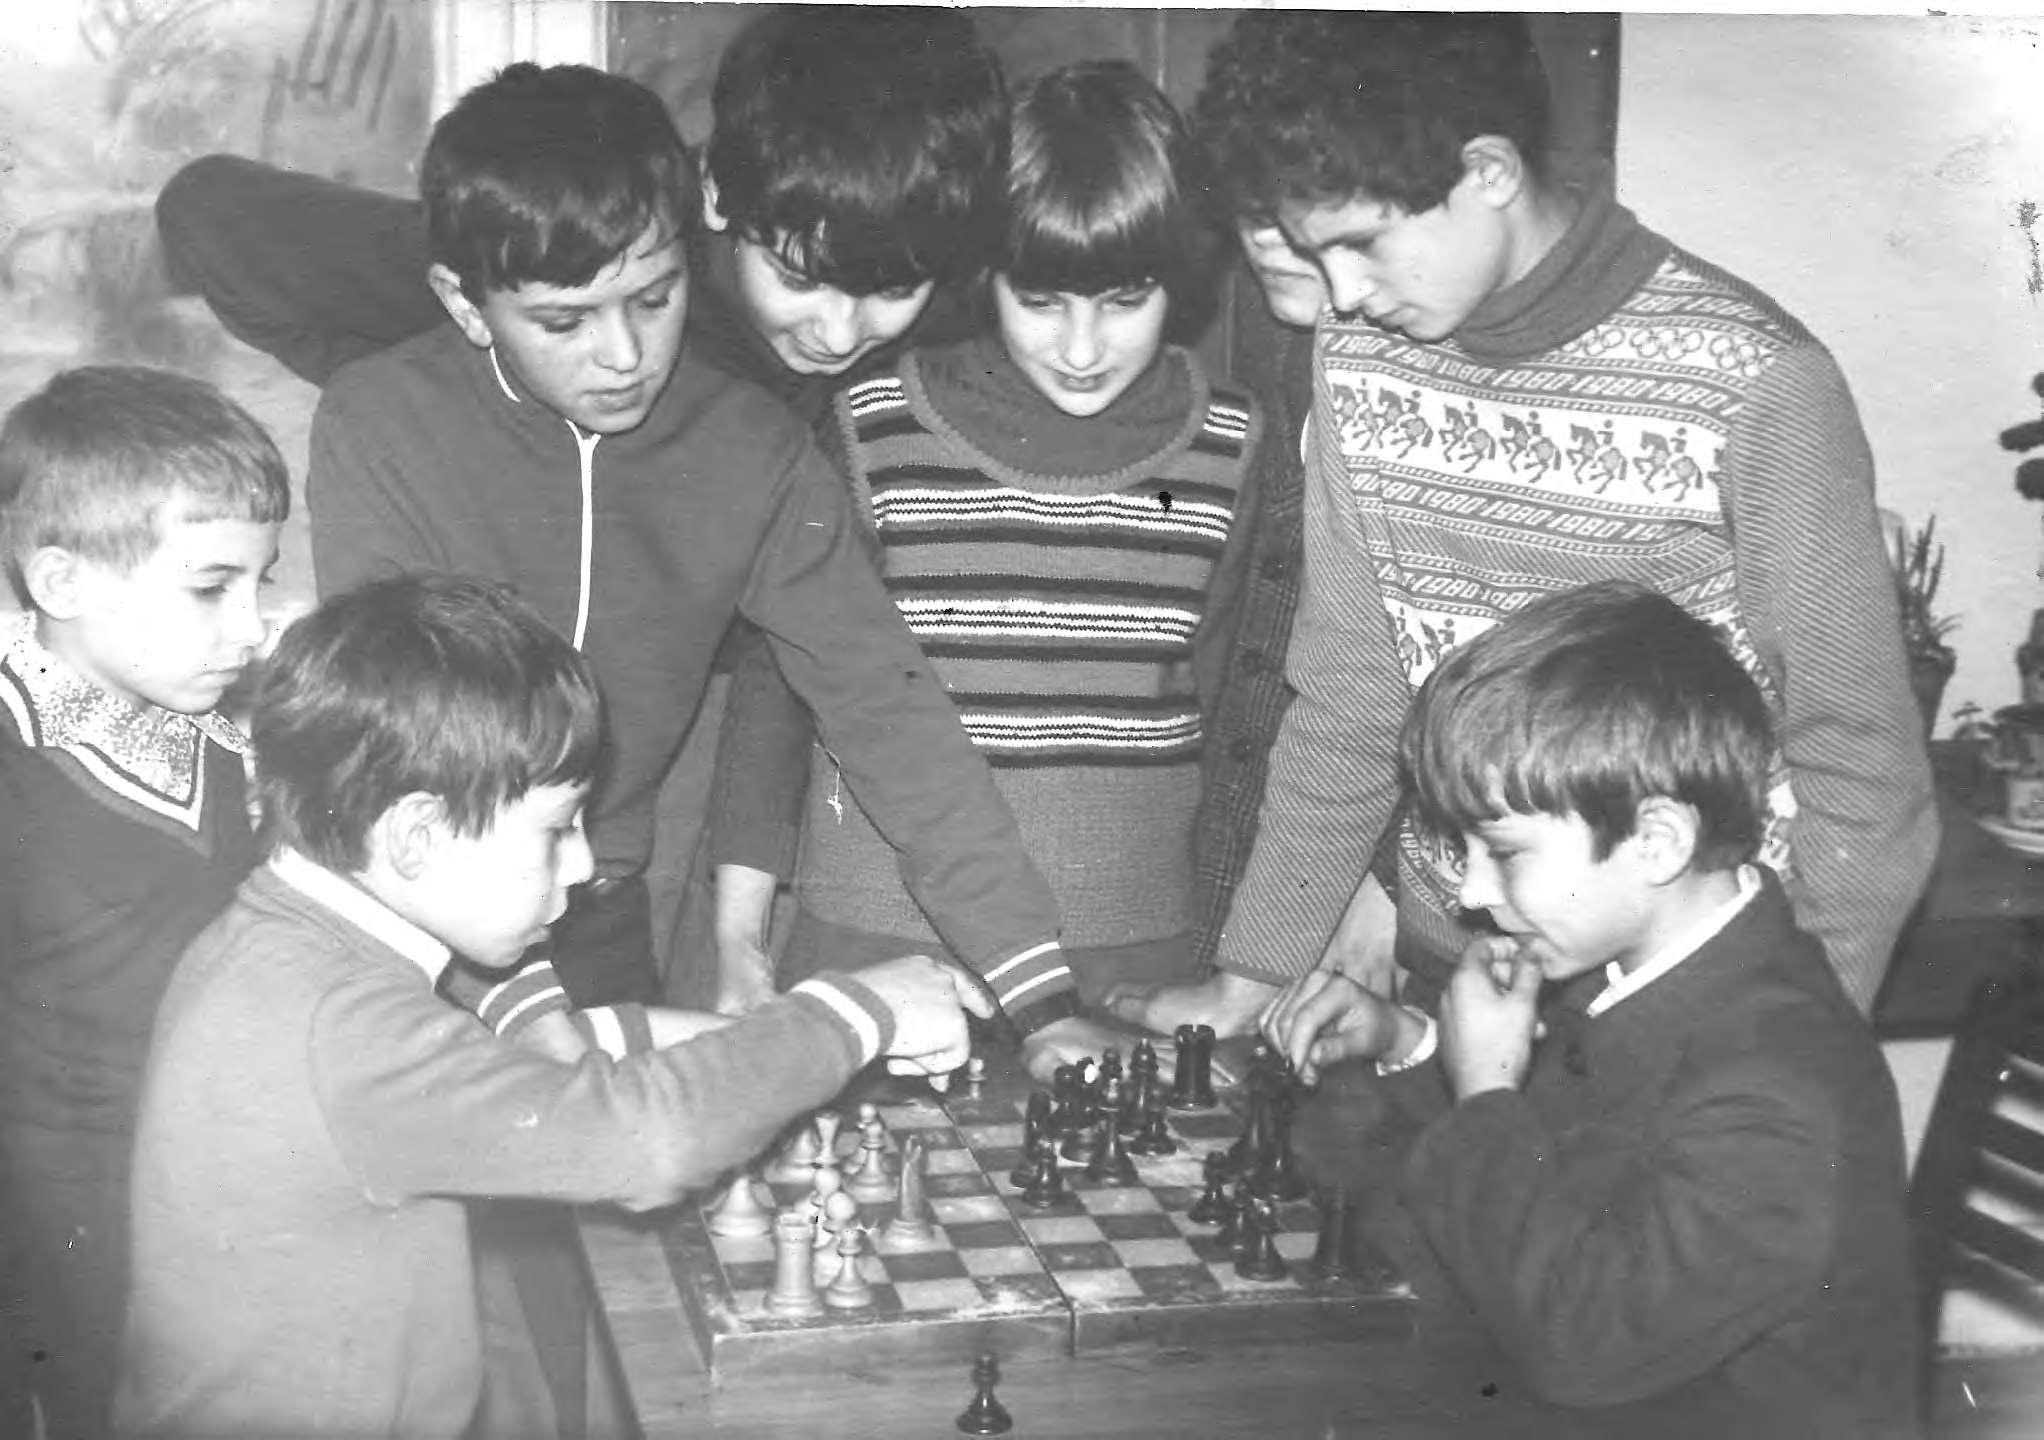 Шахматный кружок, 70-е годы